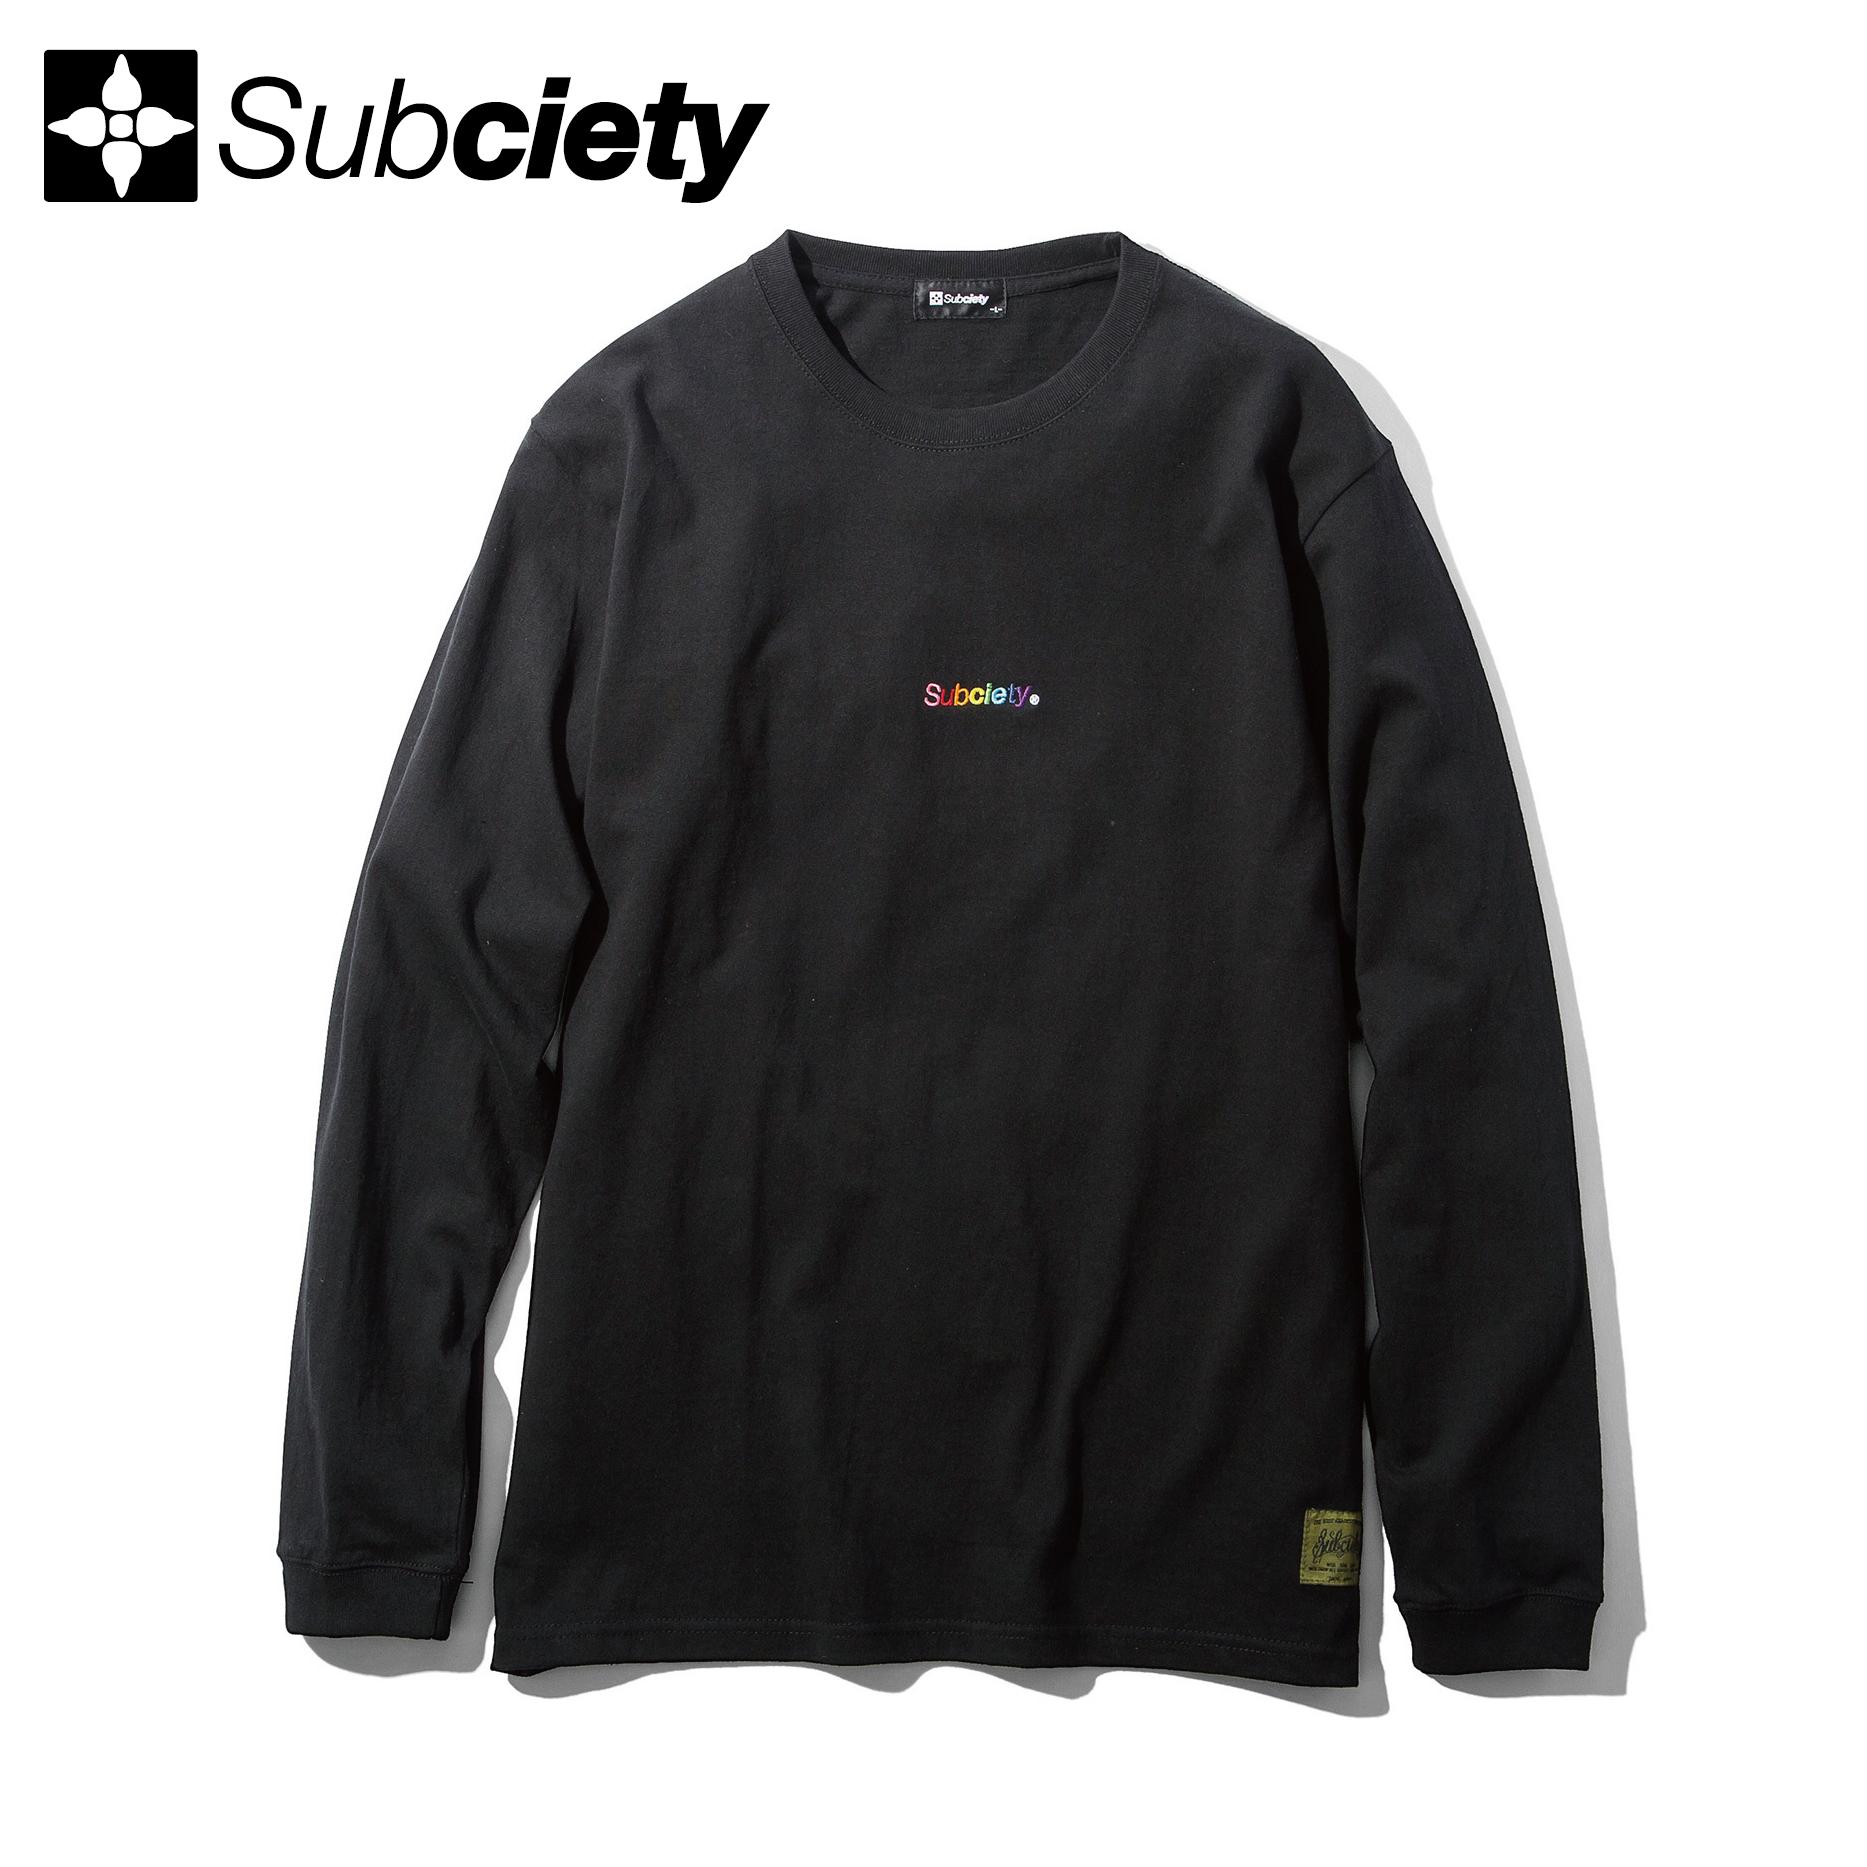 Subciety(サブサエティ) |  Parade L/S (Black)